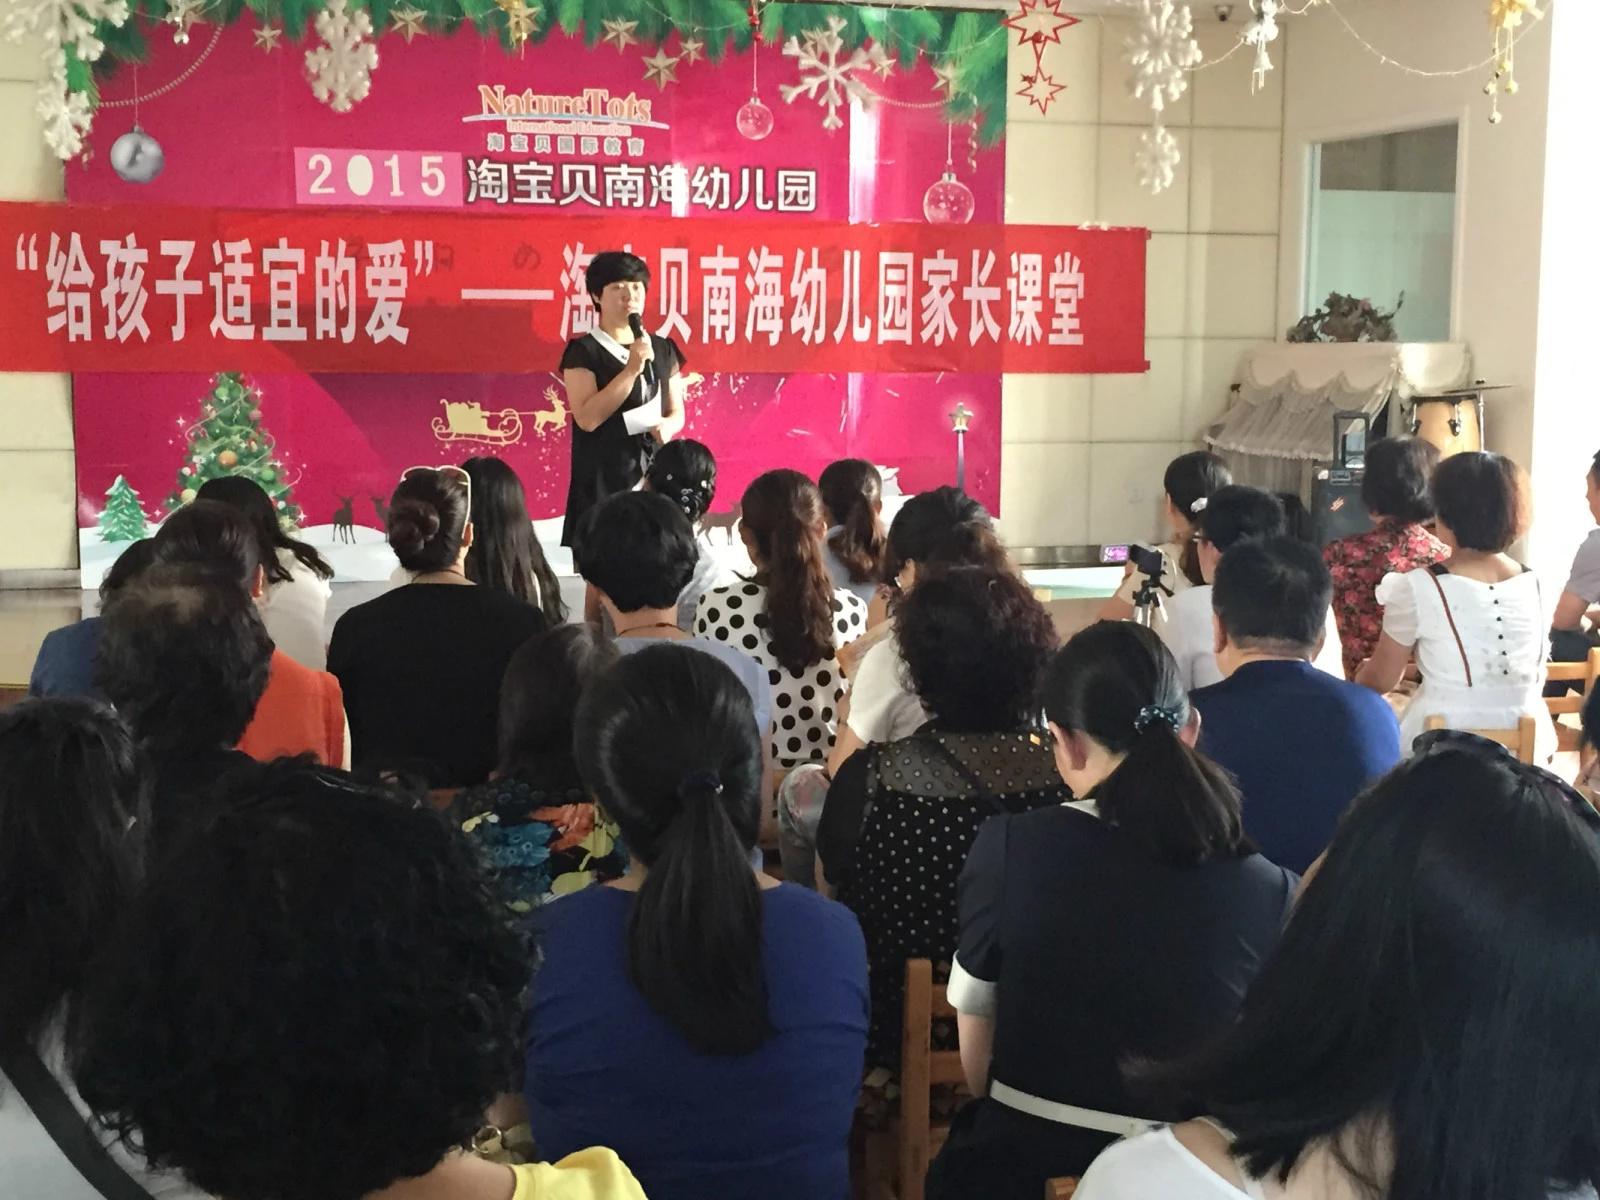 孩子升小学家长很茫然,刘心悦师长教员再次指导淘珍宝南海幼儿园